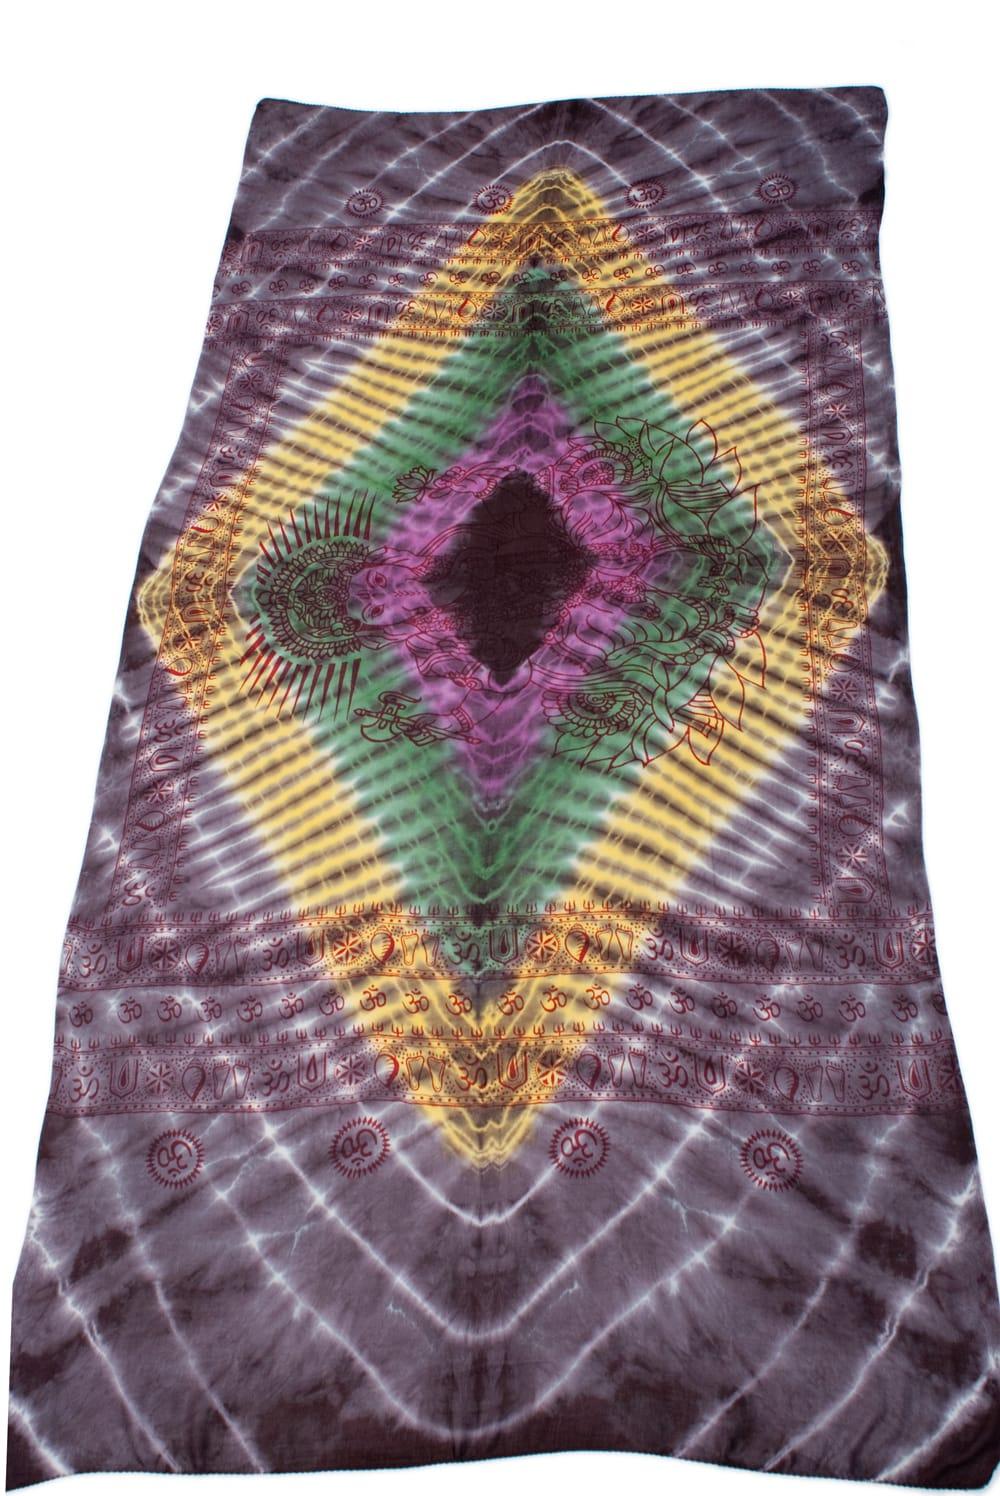 〔195cm*100cm〕ガネーシャ&ヒンドゥー神様のタイダイサイケデリック布 - 黒紫×黄×ピンク×緑系 2 - 全体写真です。とても大きな布なのでソファーカバーなどのインテリアファブリックへ。